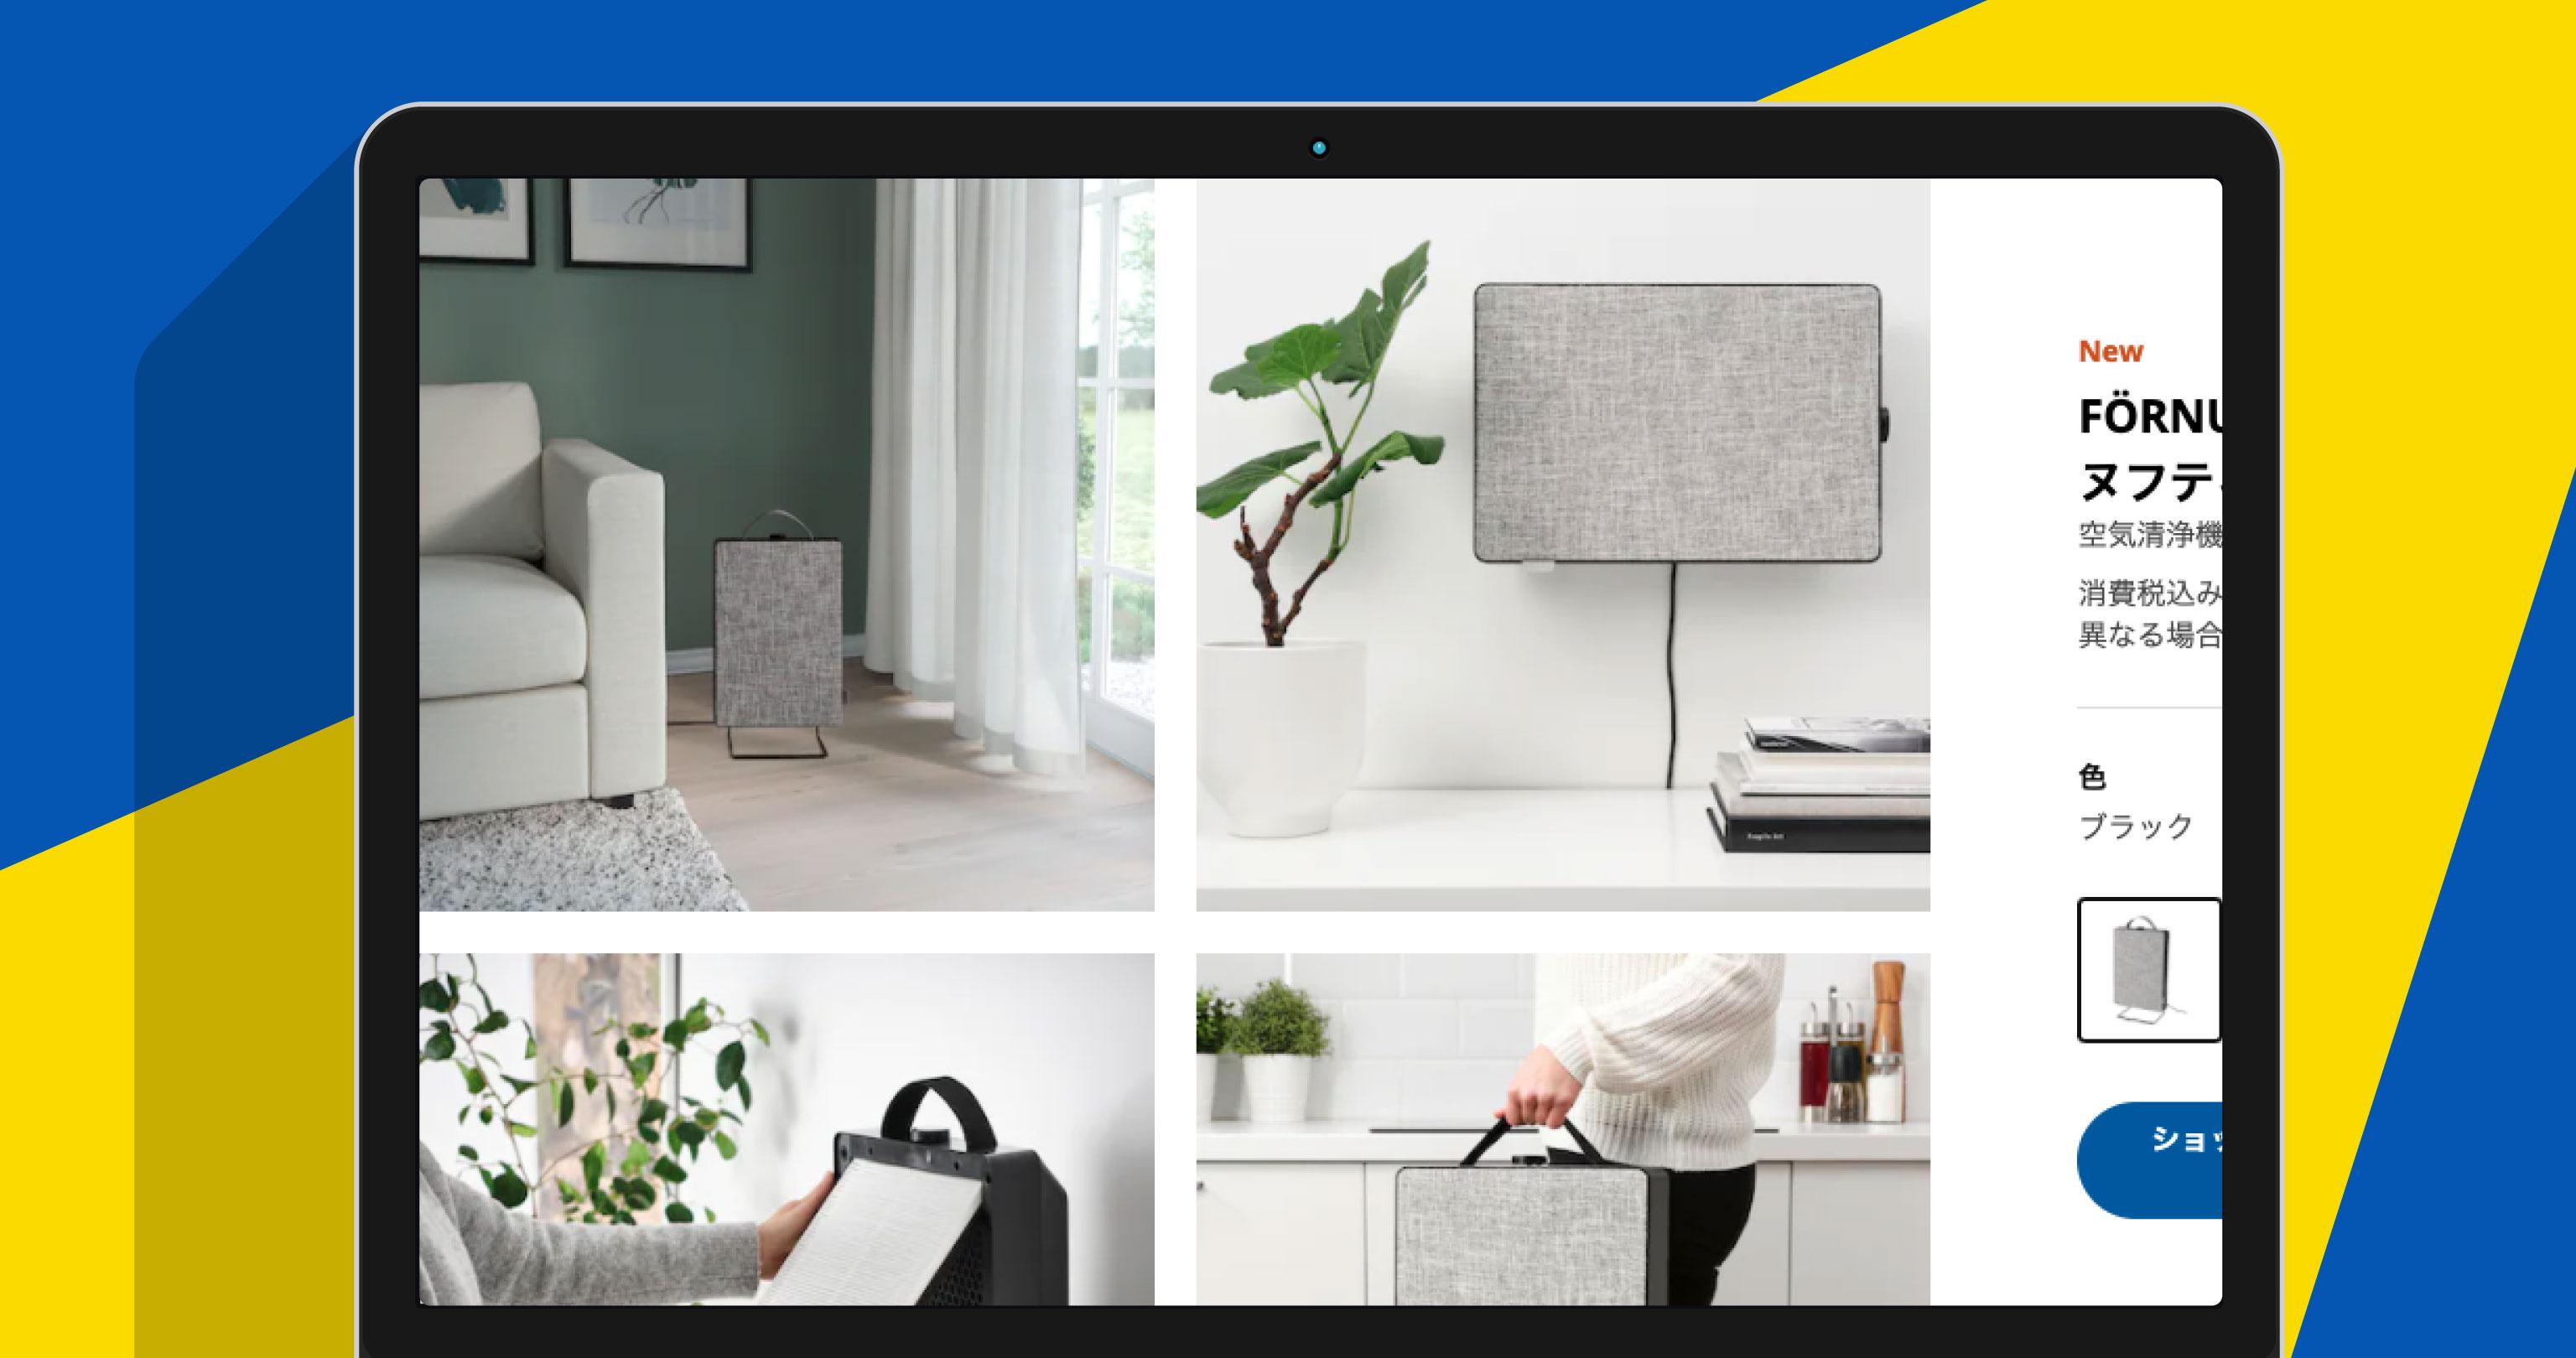 IKEAから壁付け、横置き、縦置きが可能な空気清浄機が登場